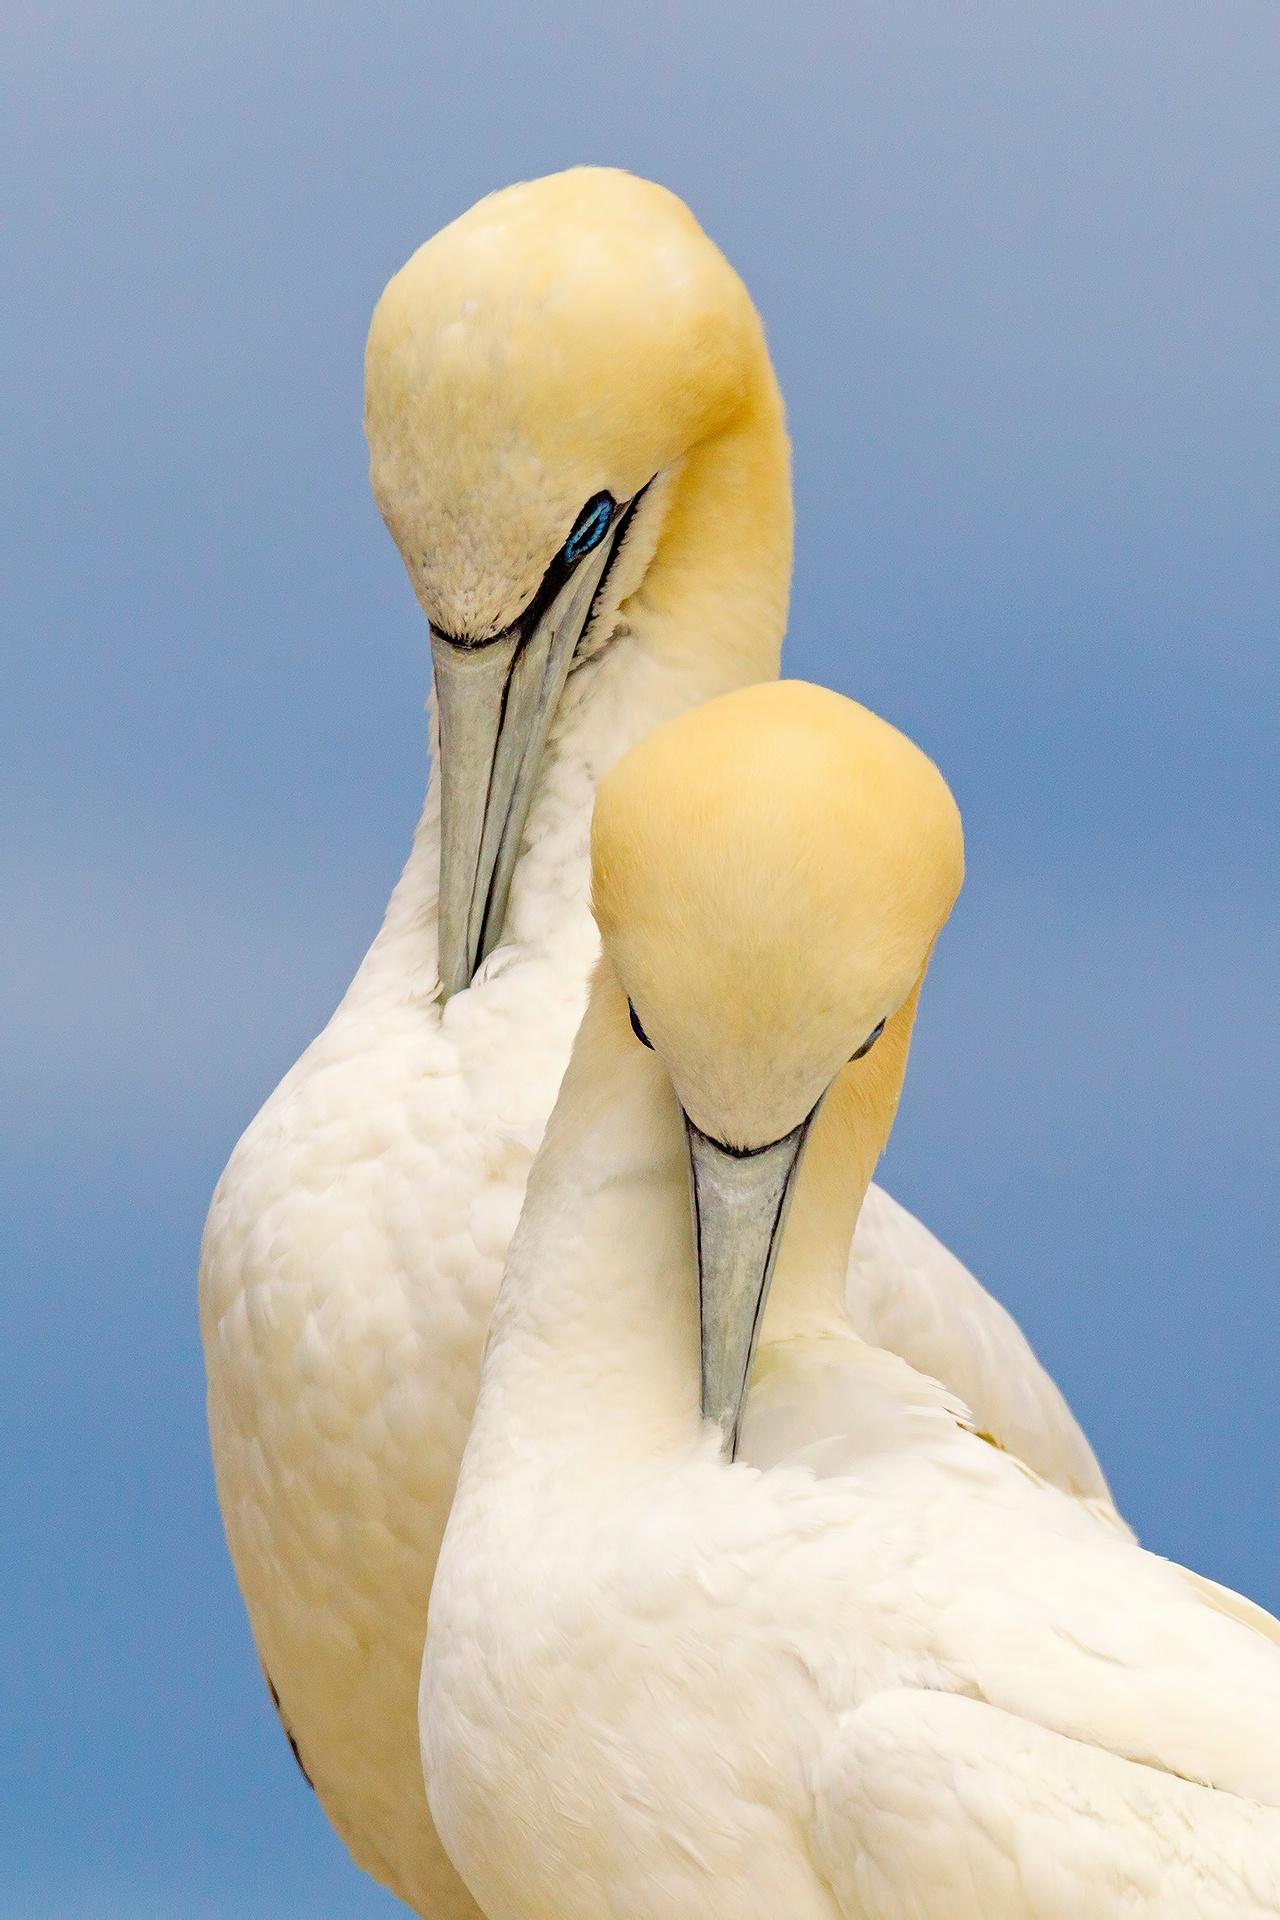 Two lovers - Mario Suarez - Portfolio Natural, Fotografía de Naturaleza de Autor